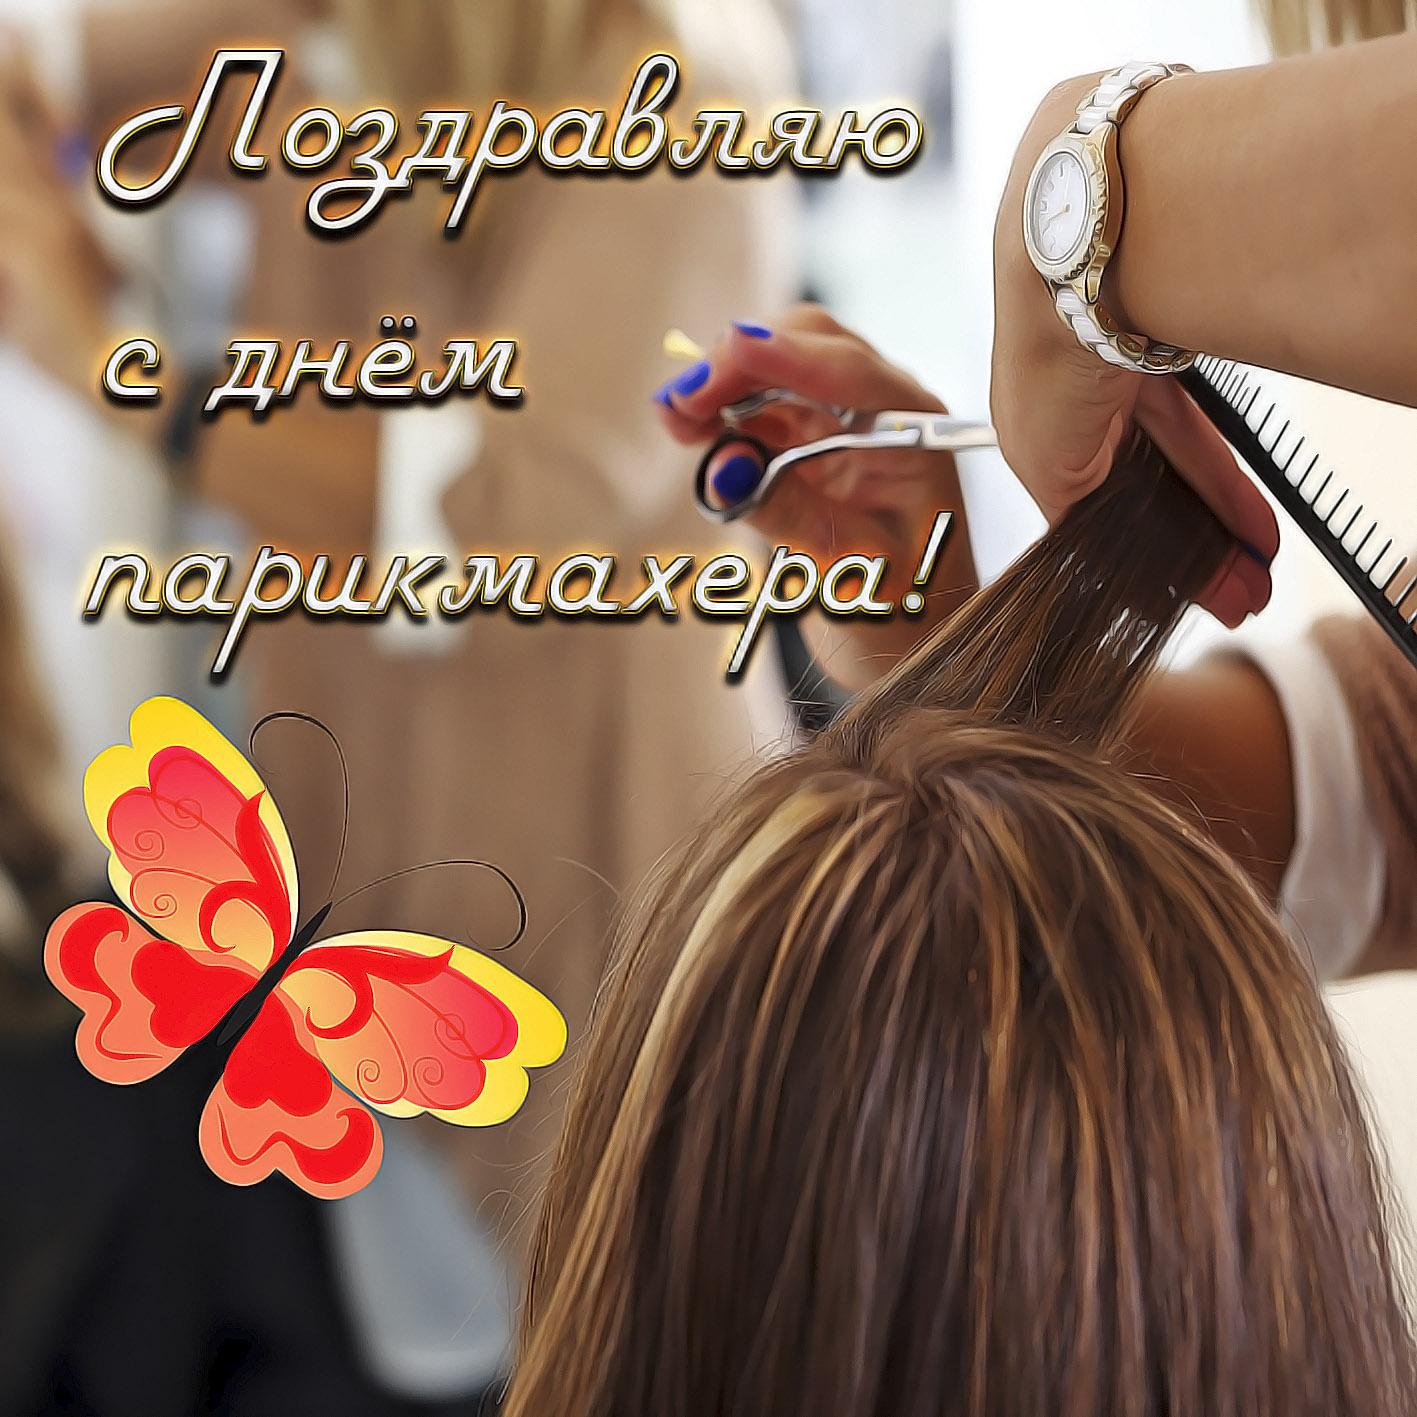 Поздравления с днем рождения для парикмахера в прозе